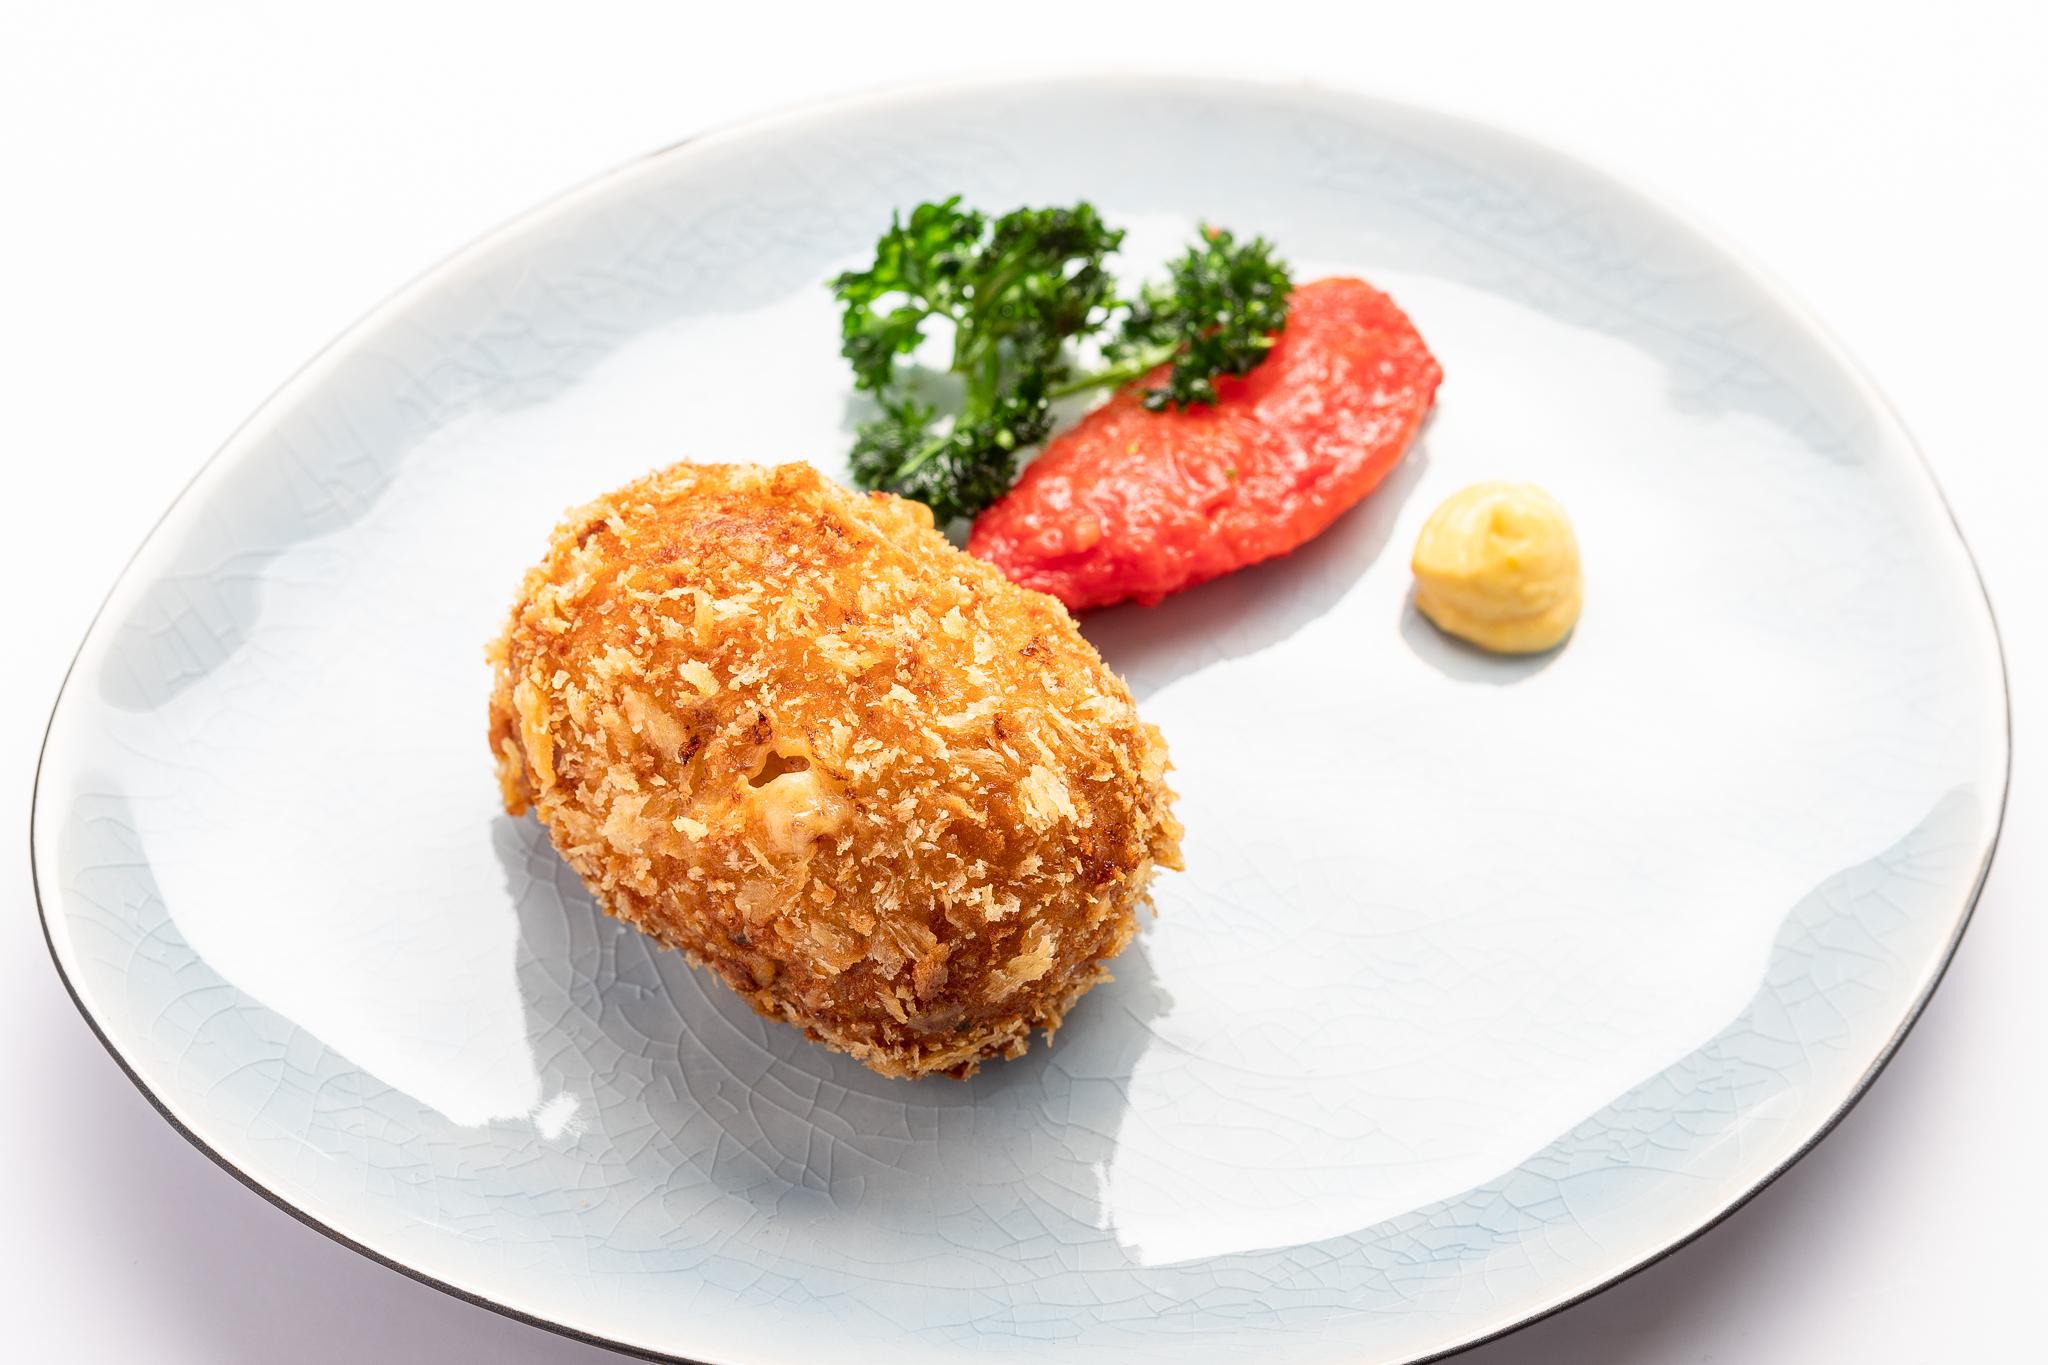 Zee-Brugse garnaalkroket, citroen aïoli, gekonfijte tomaat, gefrituurde peterselie - 'T PAKHUIS